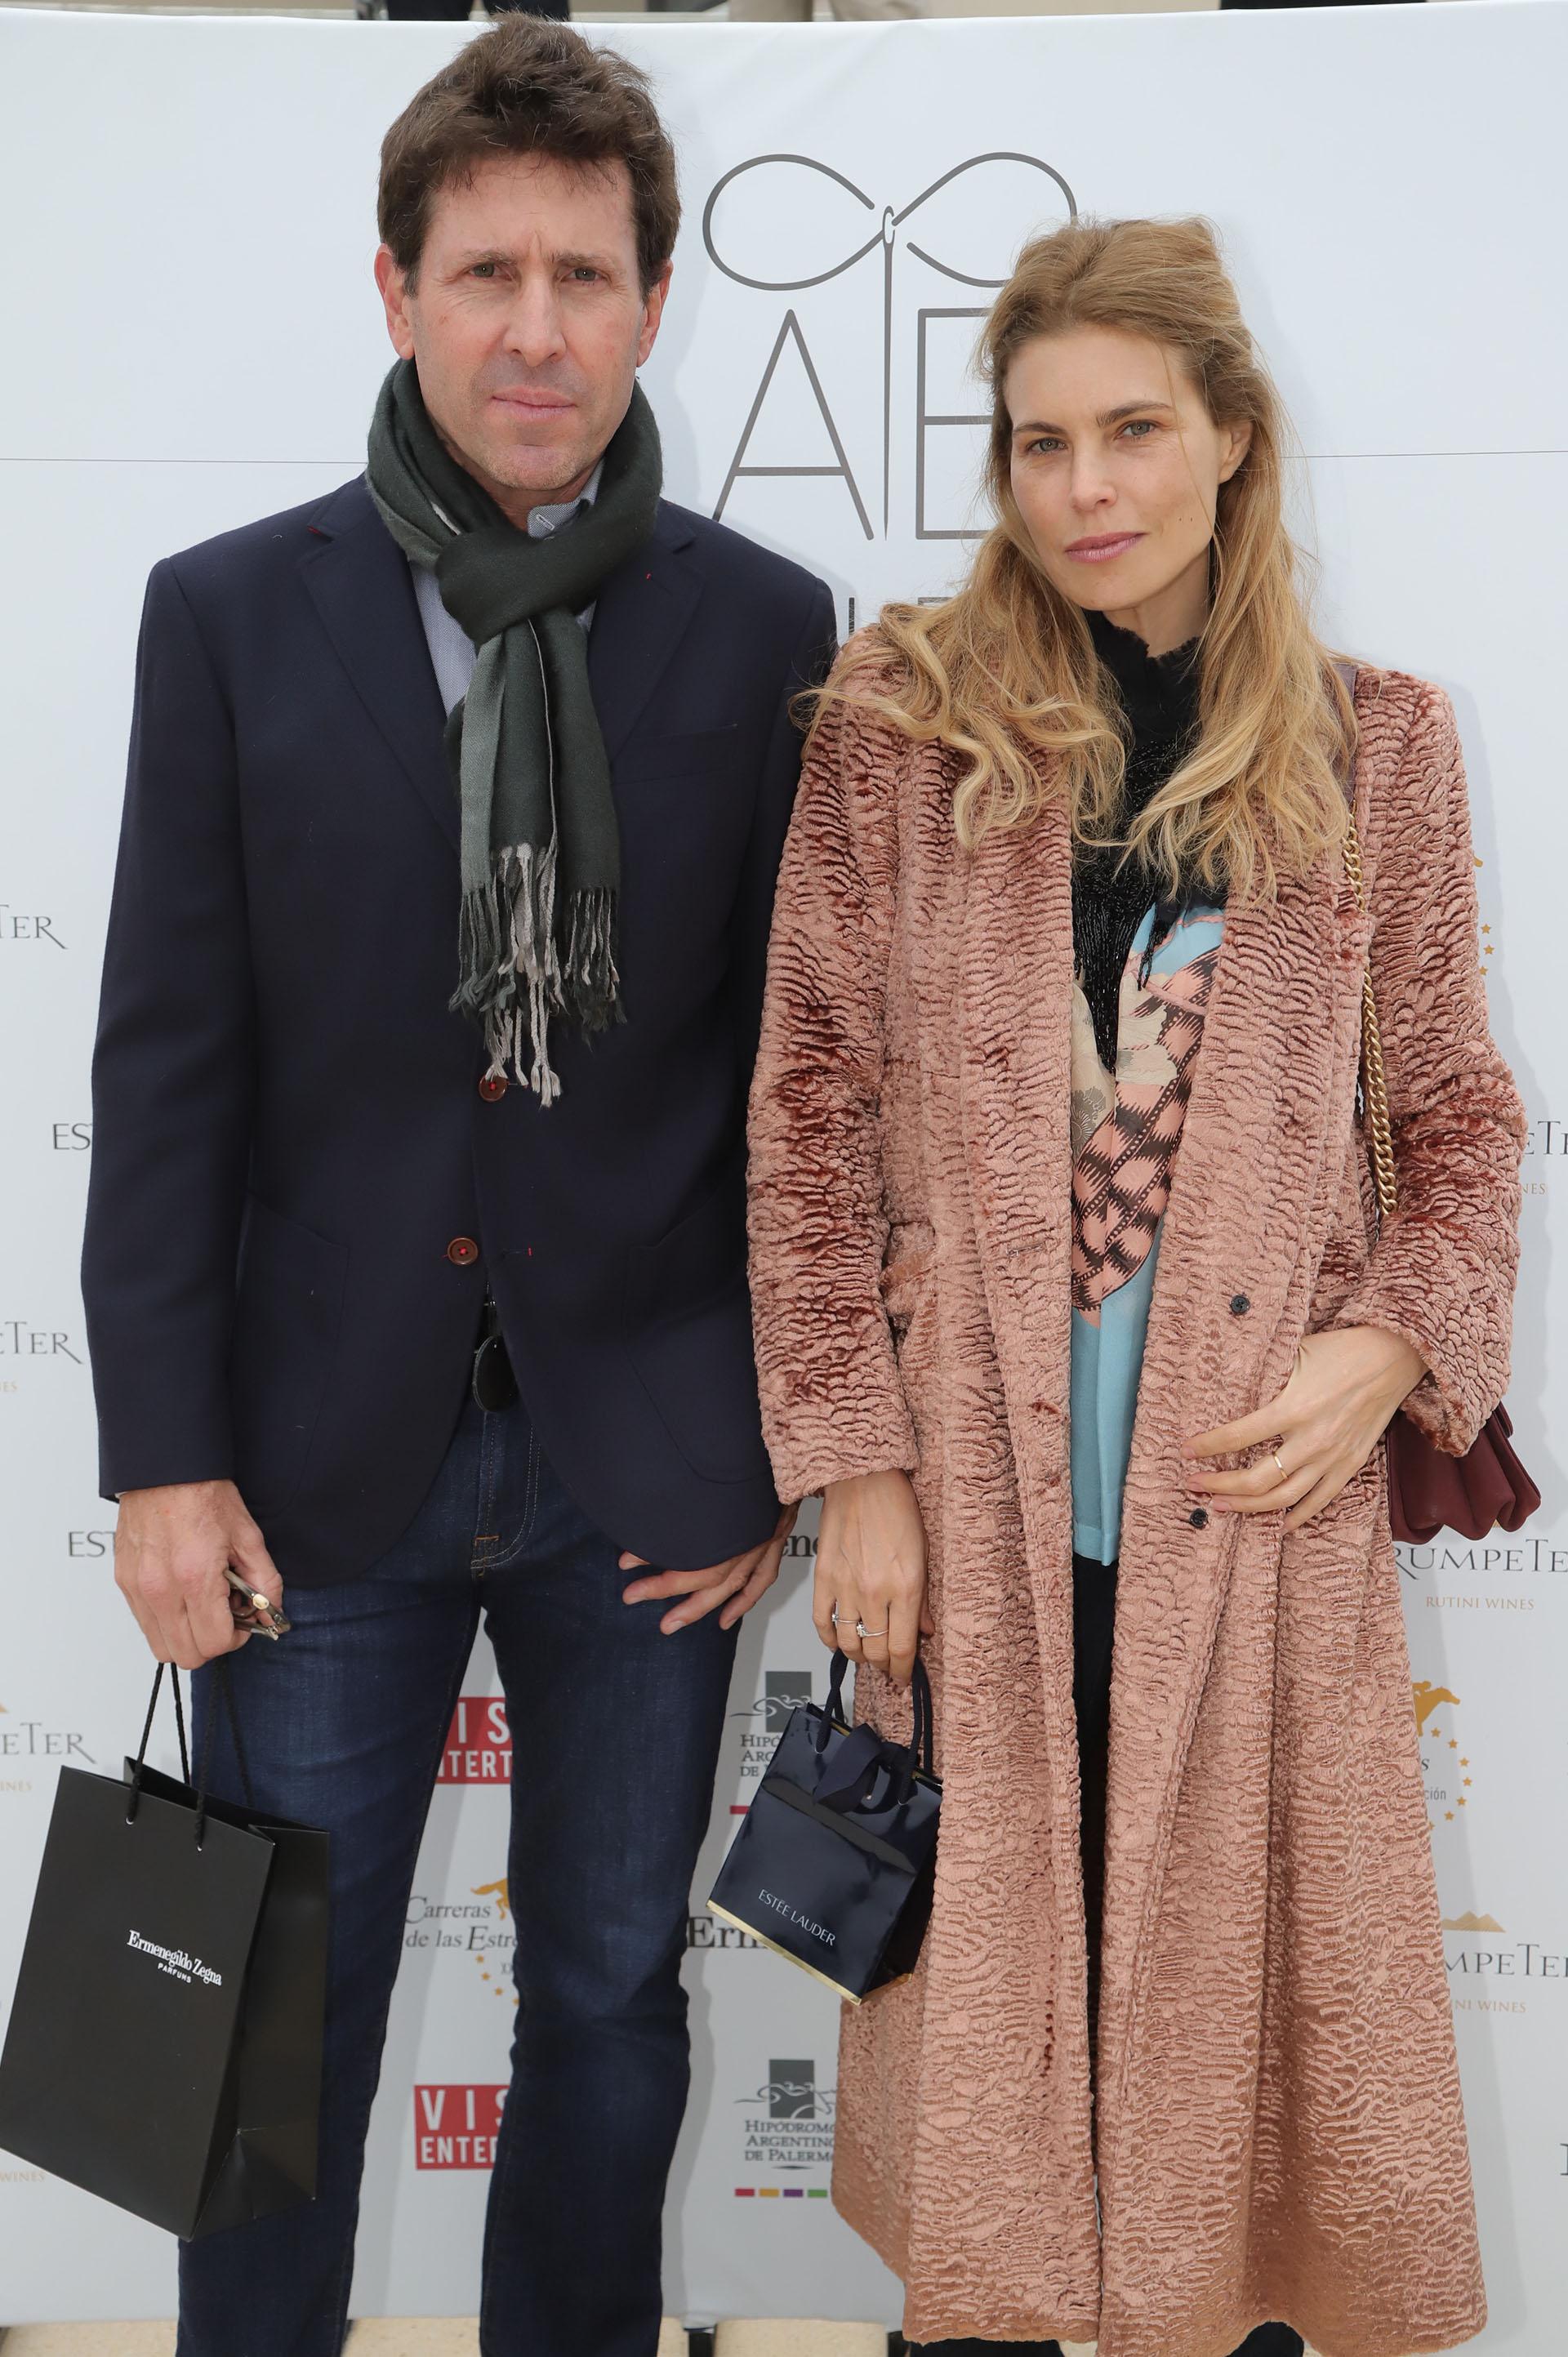 La hora de la moda: Justo Saavedra y Julieta Kemble disfrutaron del desfile de Adrián Brown, en una tarde que combinó moda y deporte